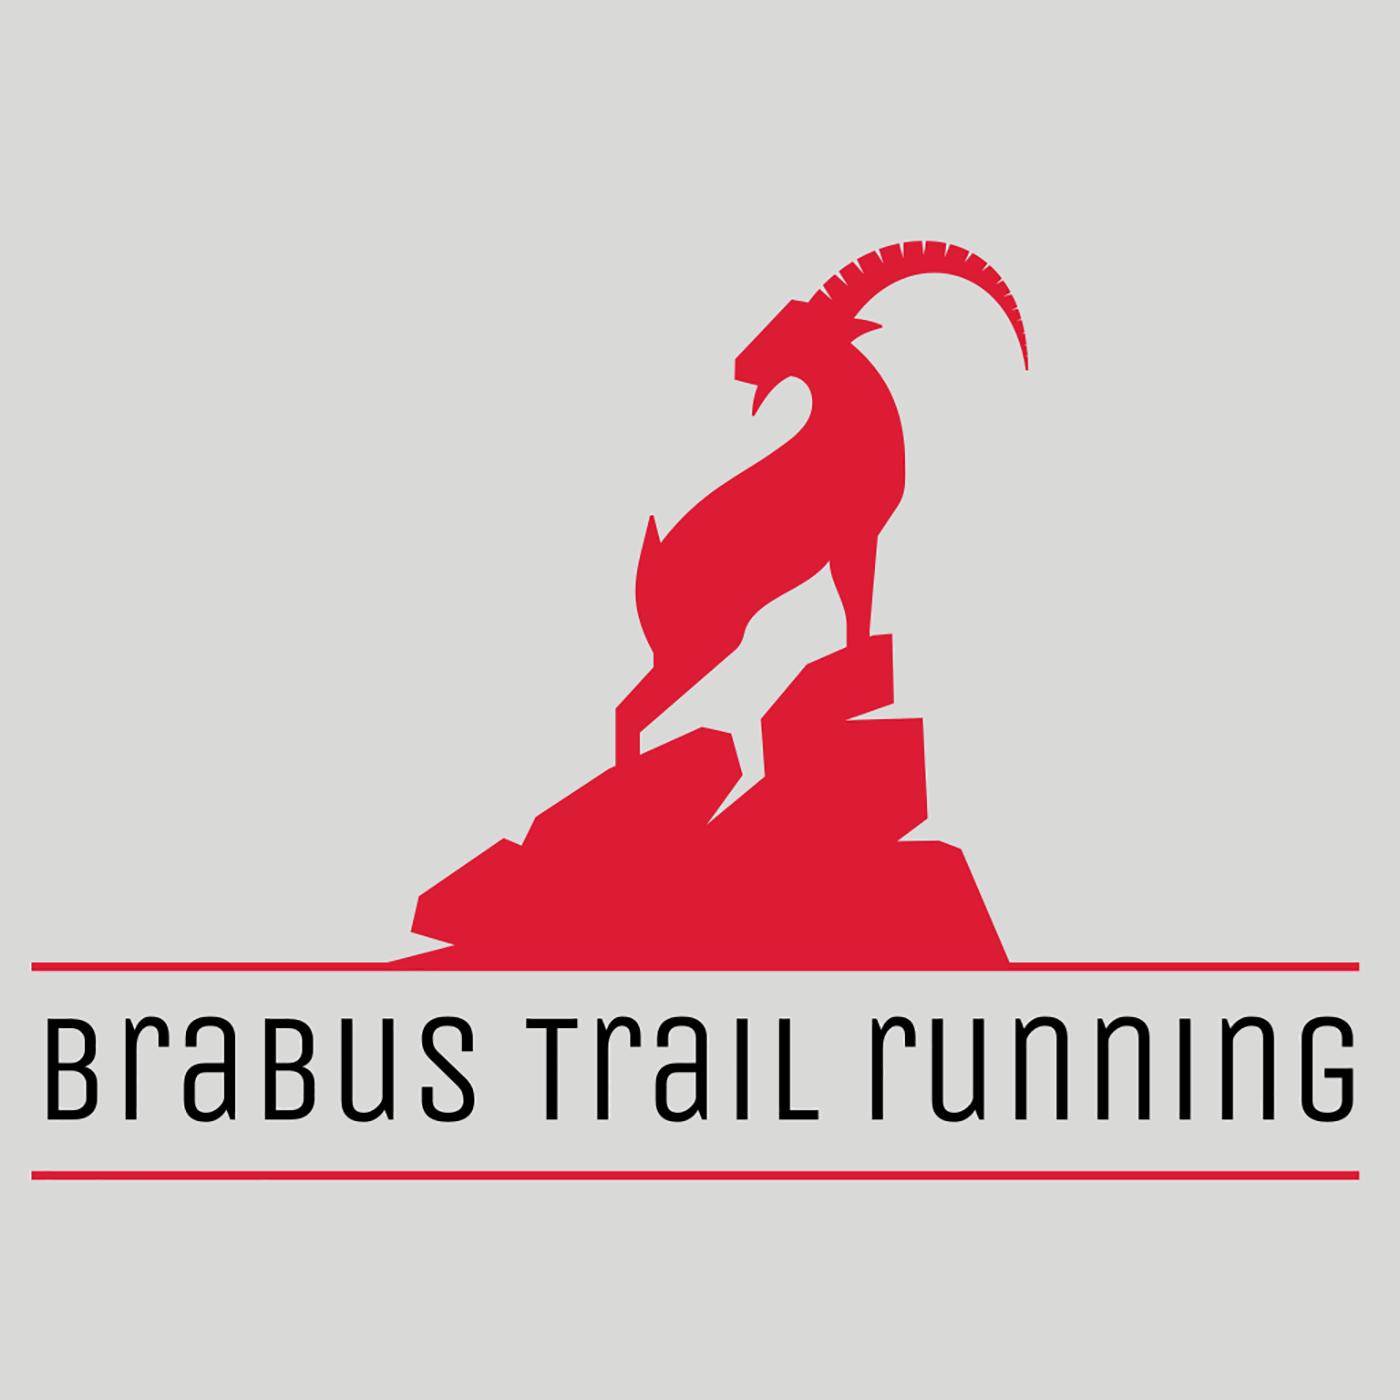 Imagem do Brabus Trail Running